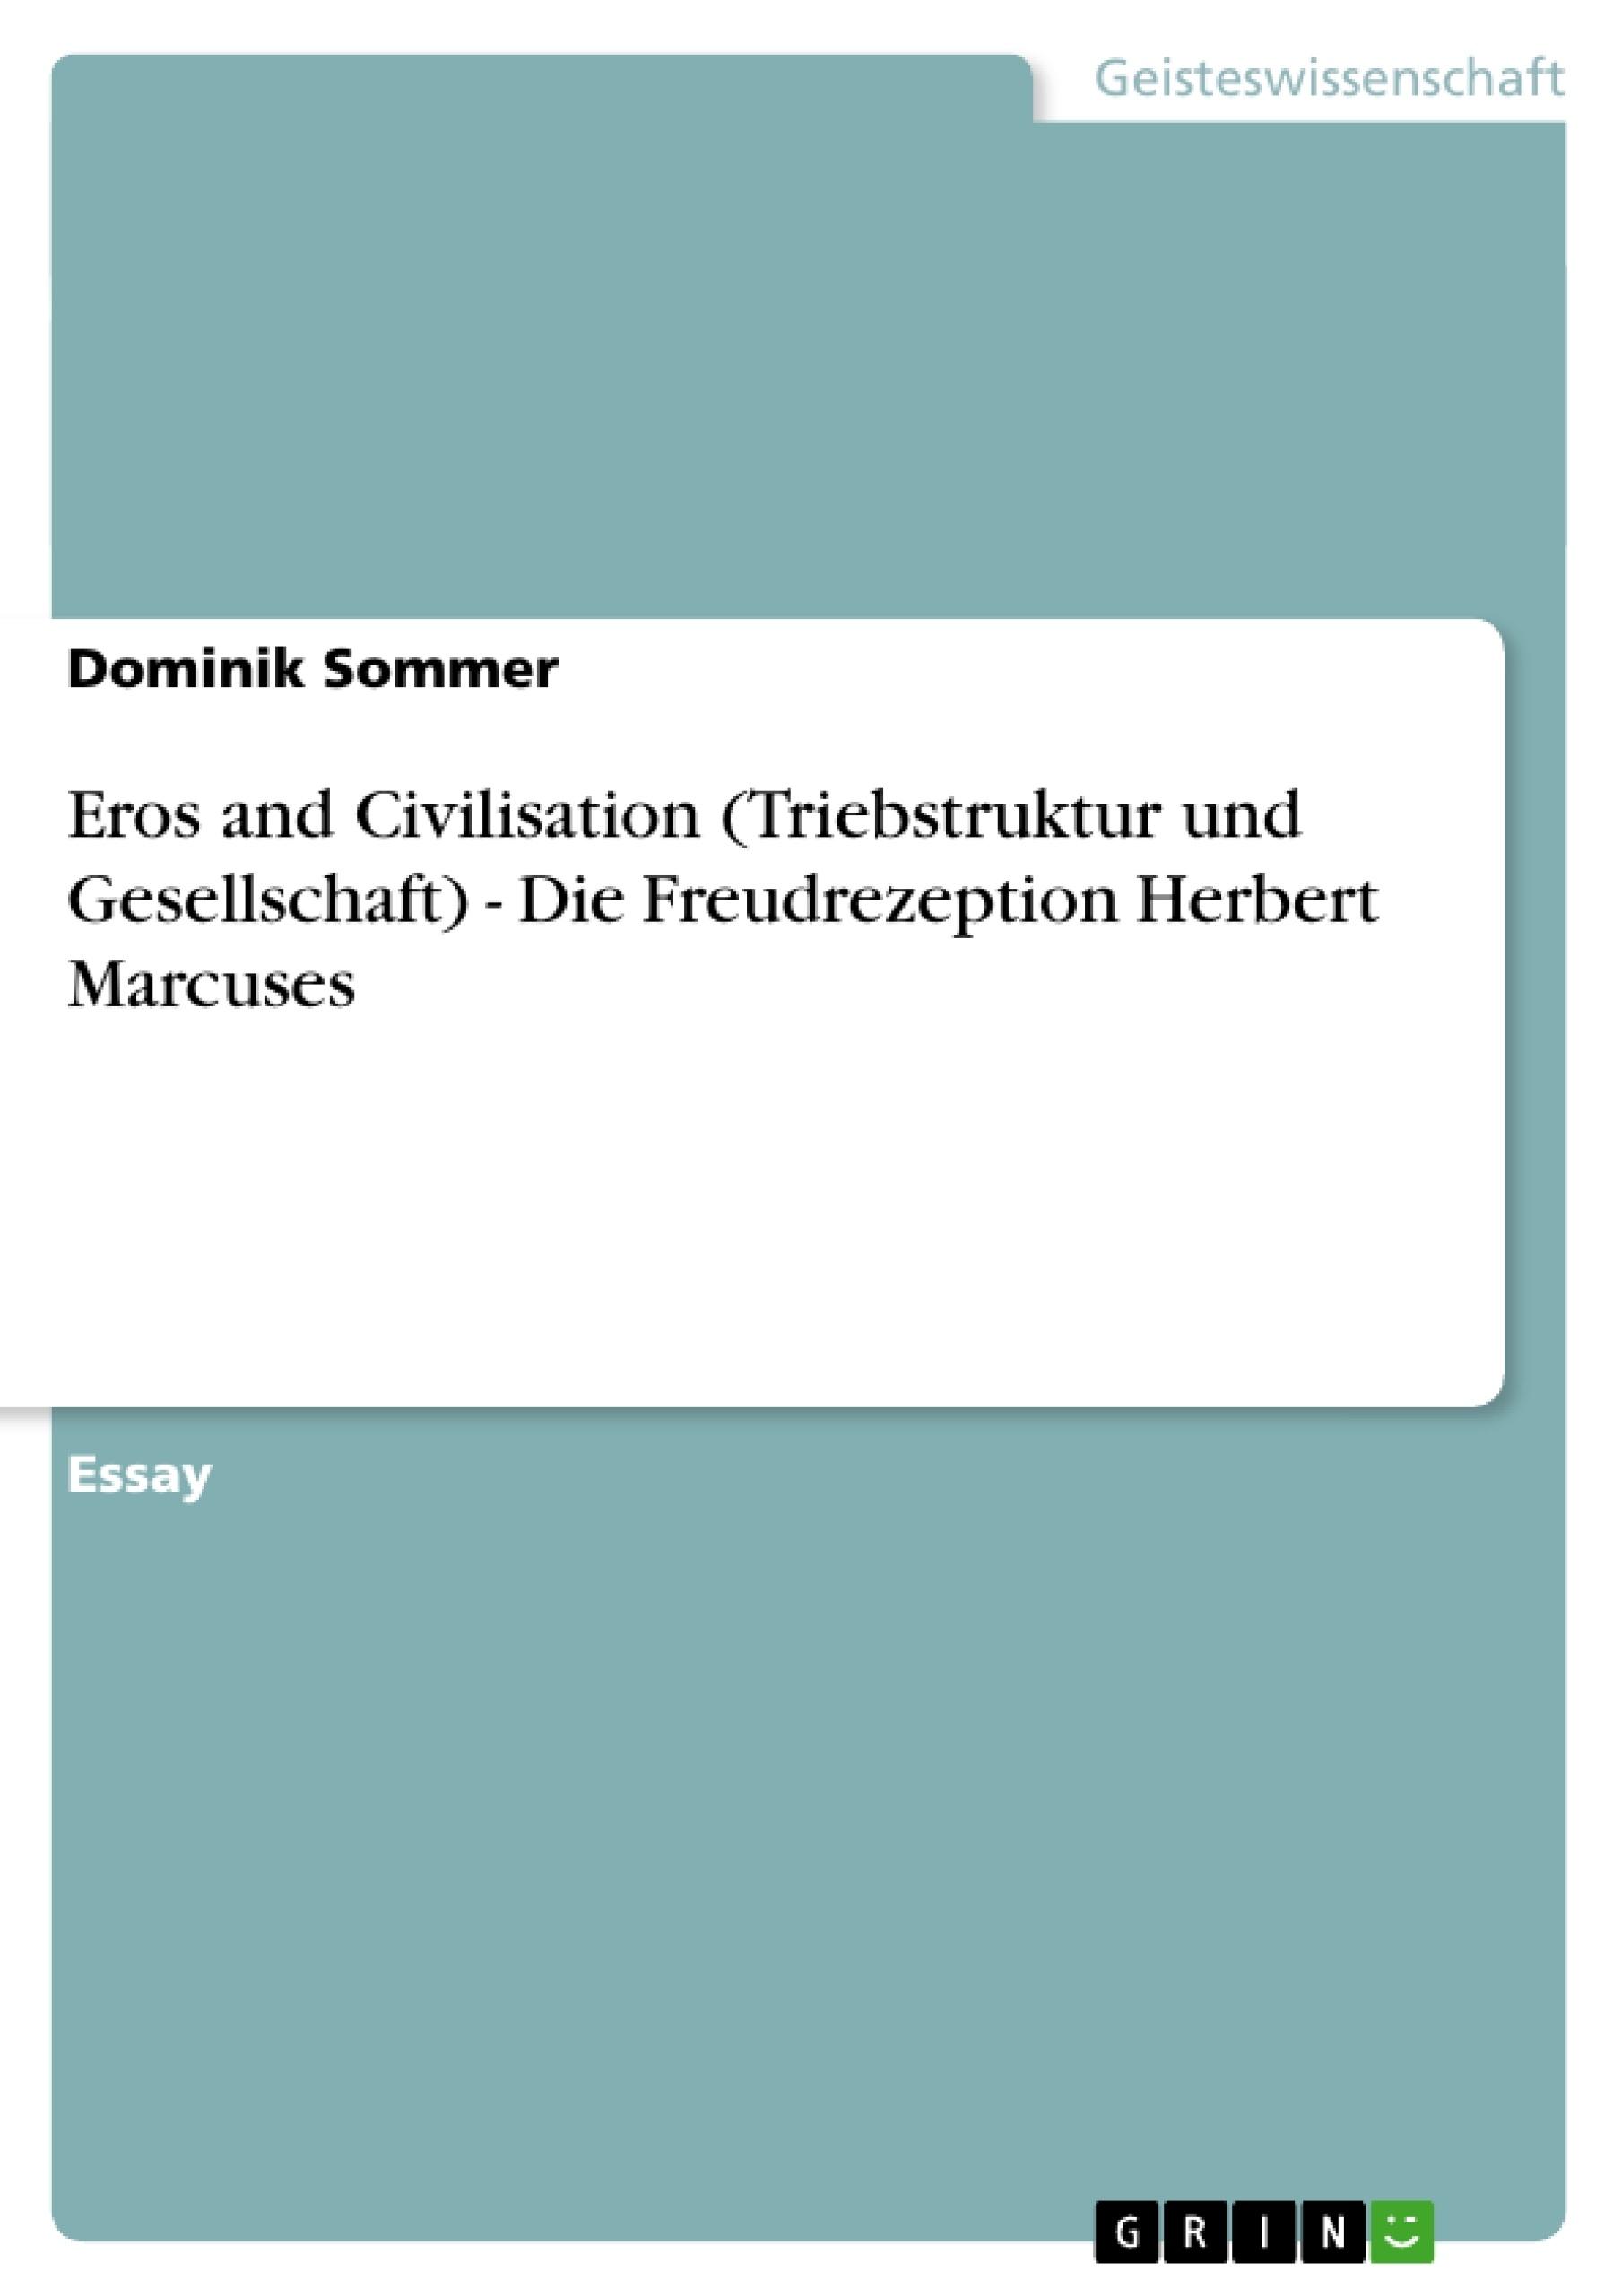 Titel: Eros and Civilisation (Triebstruktur und Gesellschaft) - Die Freudrezeption Herbert Marcuses